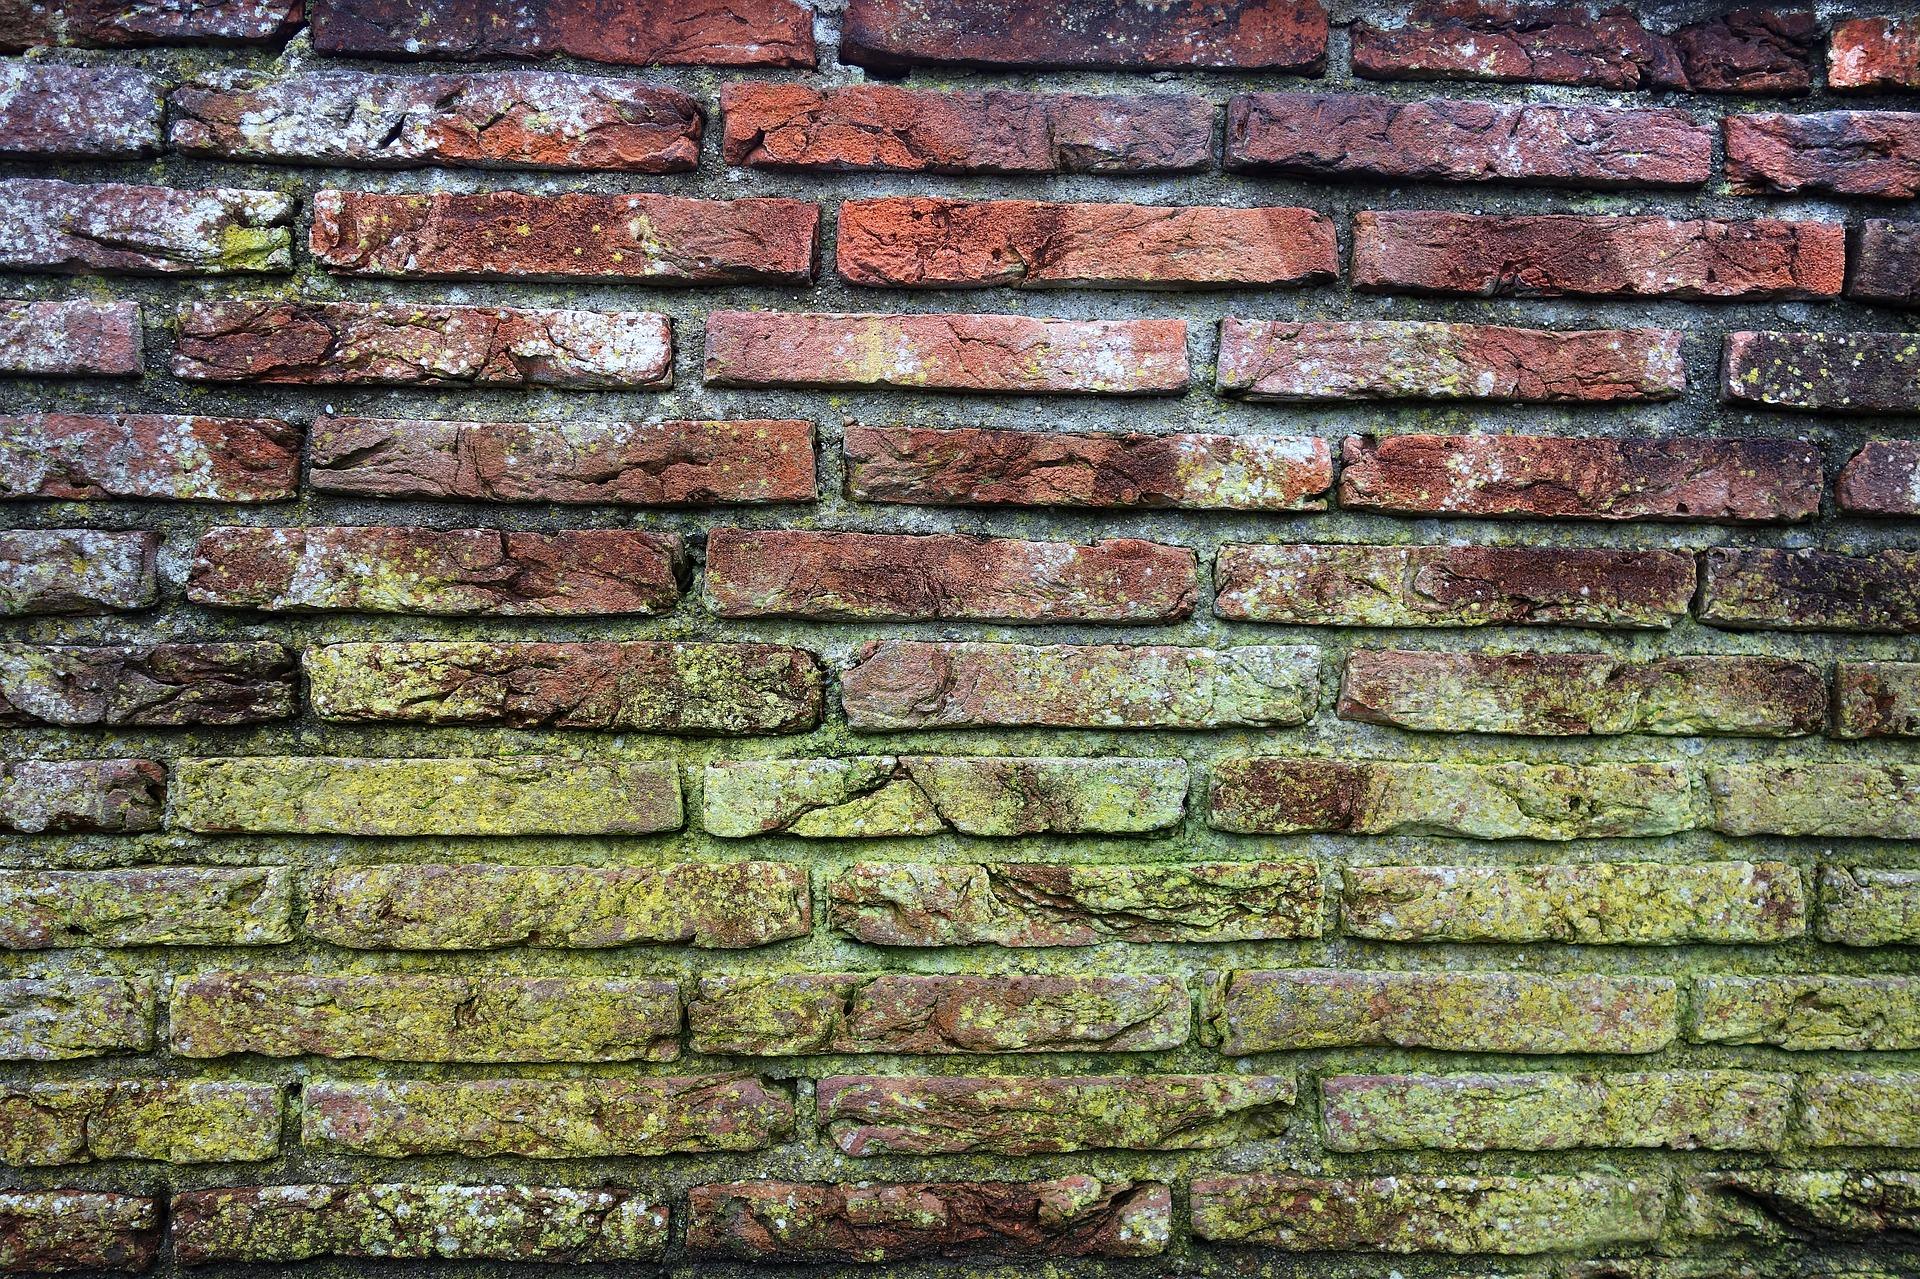 brick-wall-3130685_1920